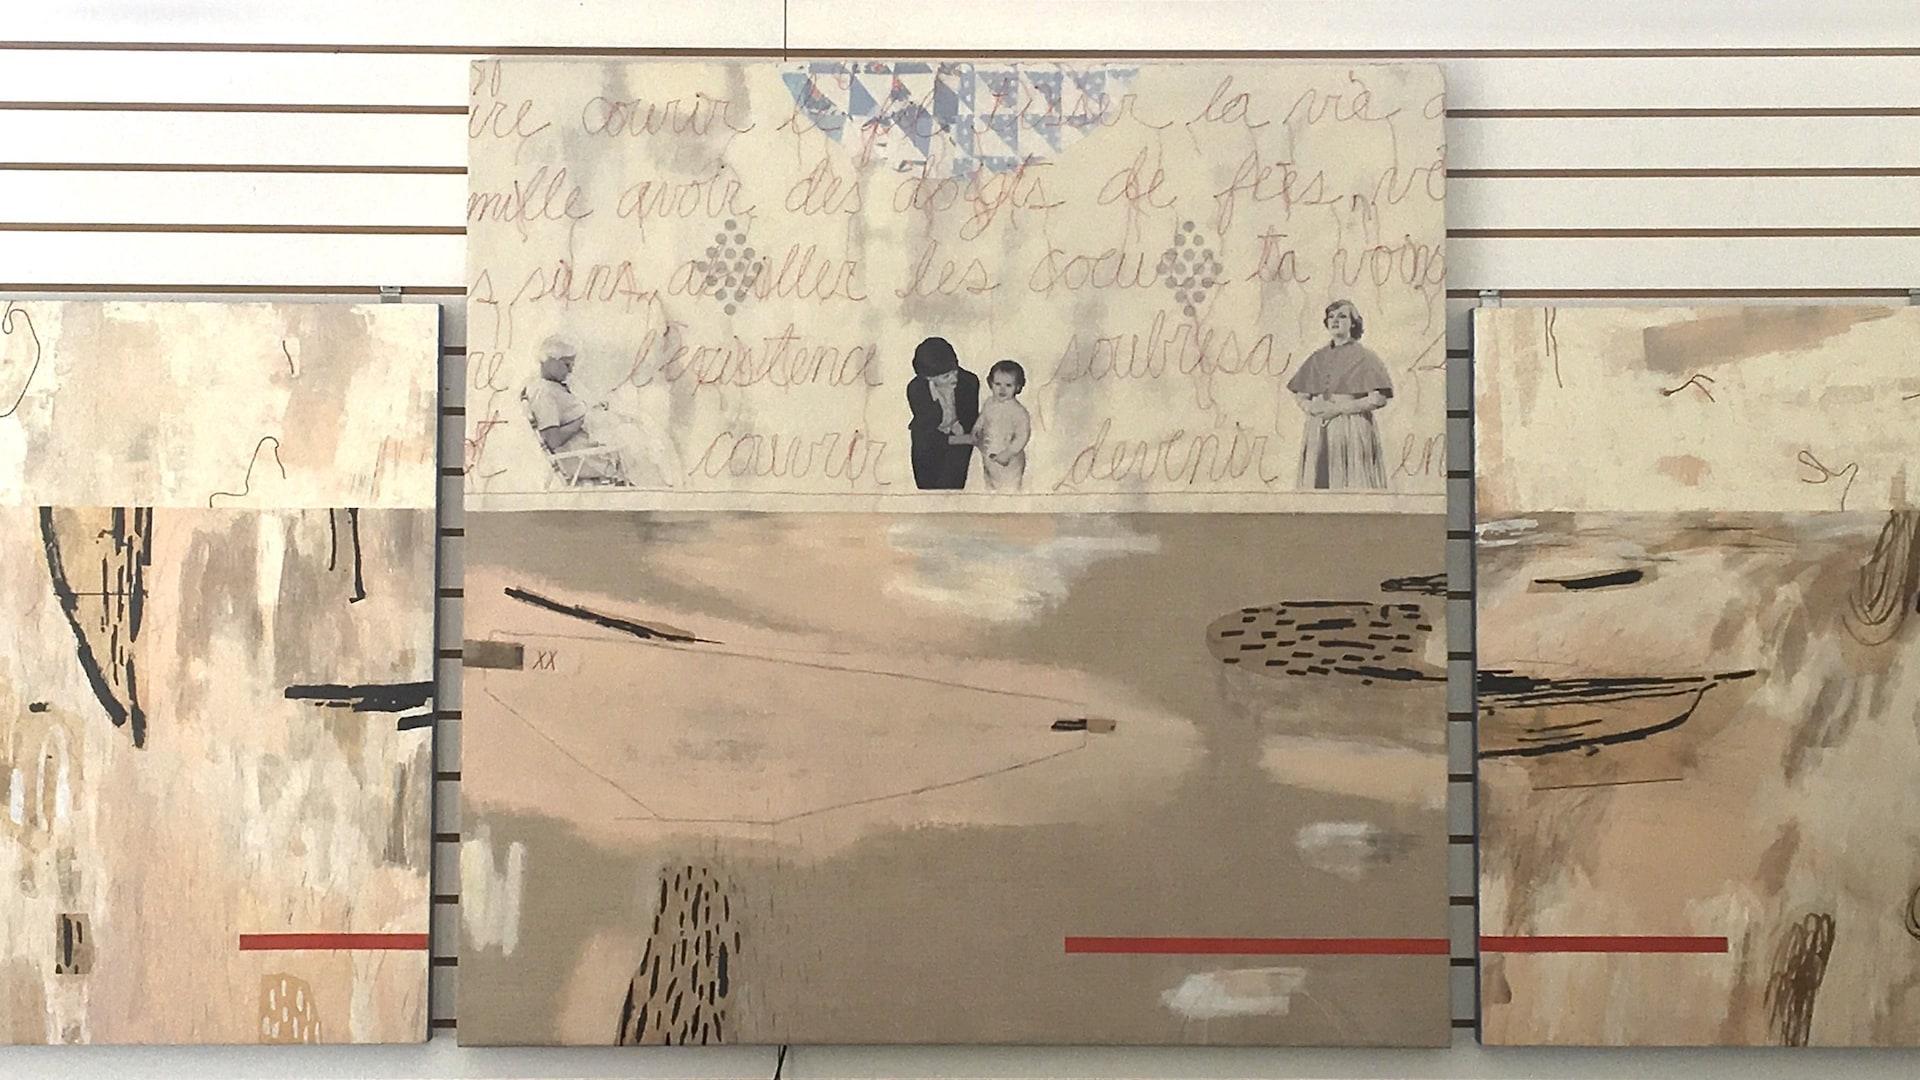 L'oeuvre d'art de l'artiste visuelle Anne Brochu Lambert. Il y a trois panneaux peint à l'encaustique. On y a ajouter des photos de sa grand-mère, de sa mère et de sa fille.